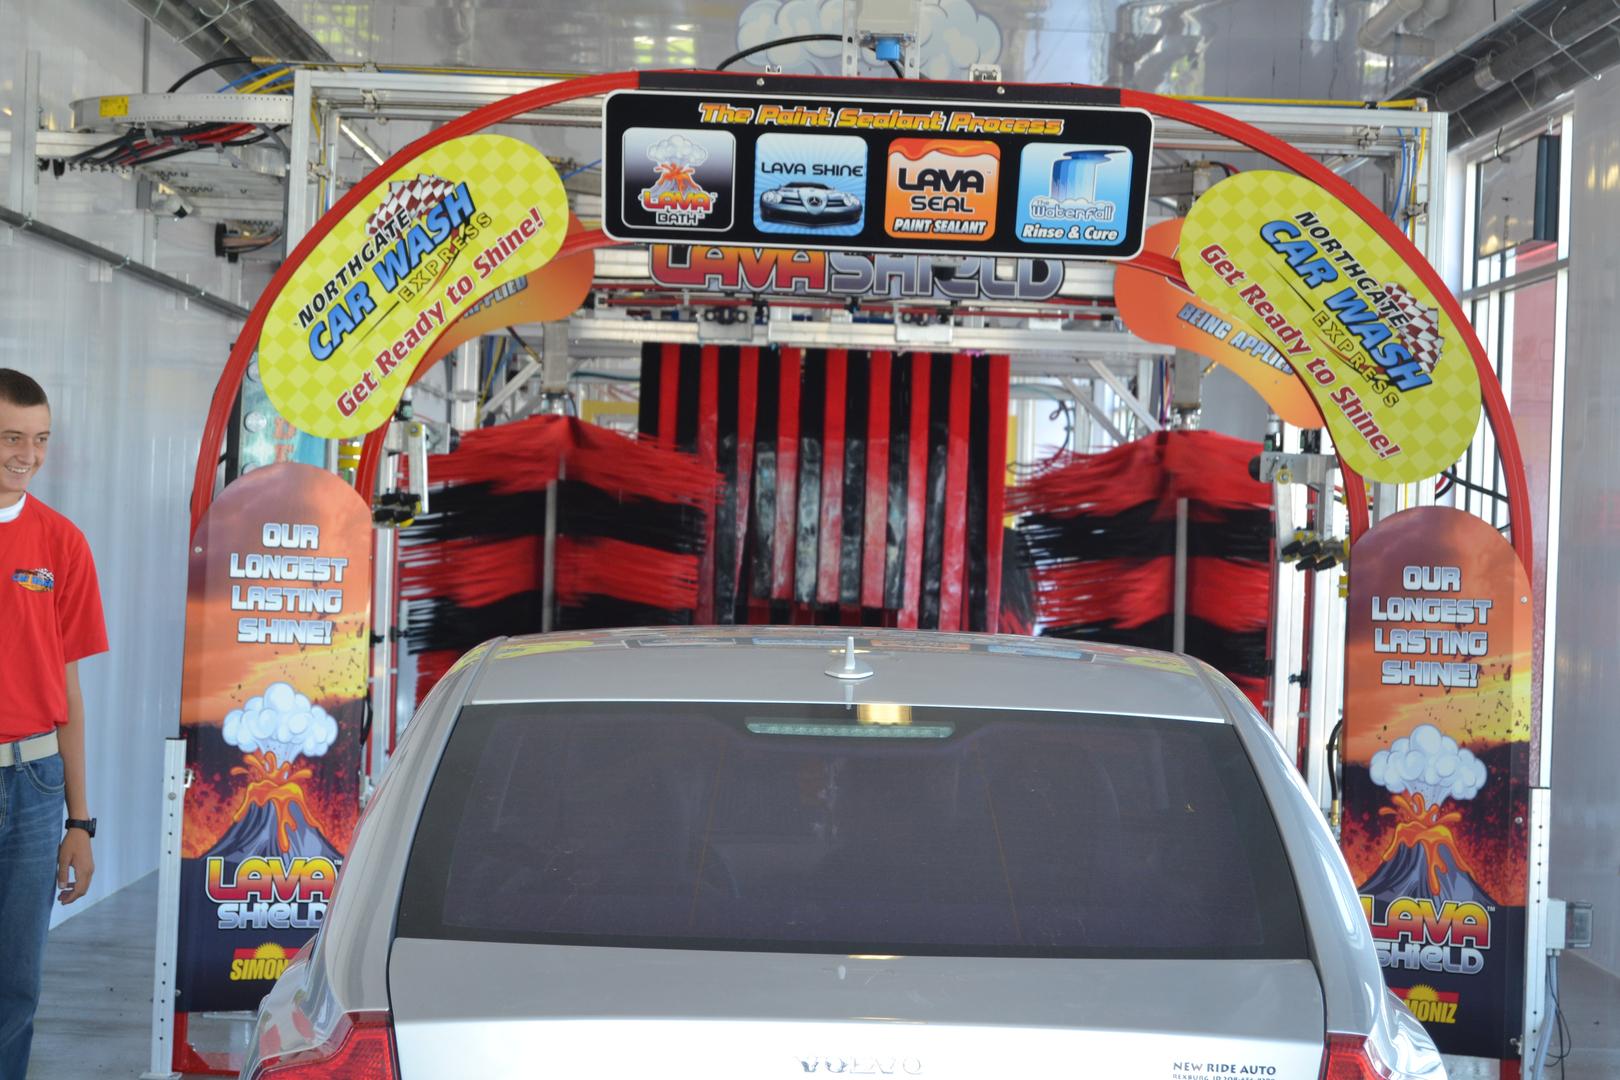 Full Automatic Express Car Wash Northgate Express Car Wash